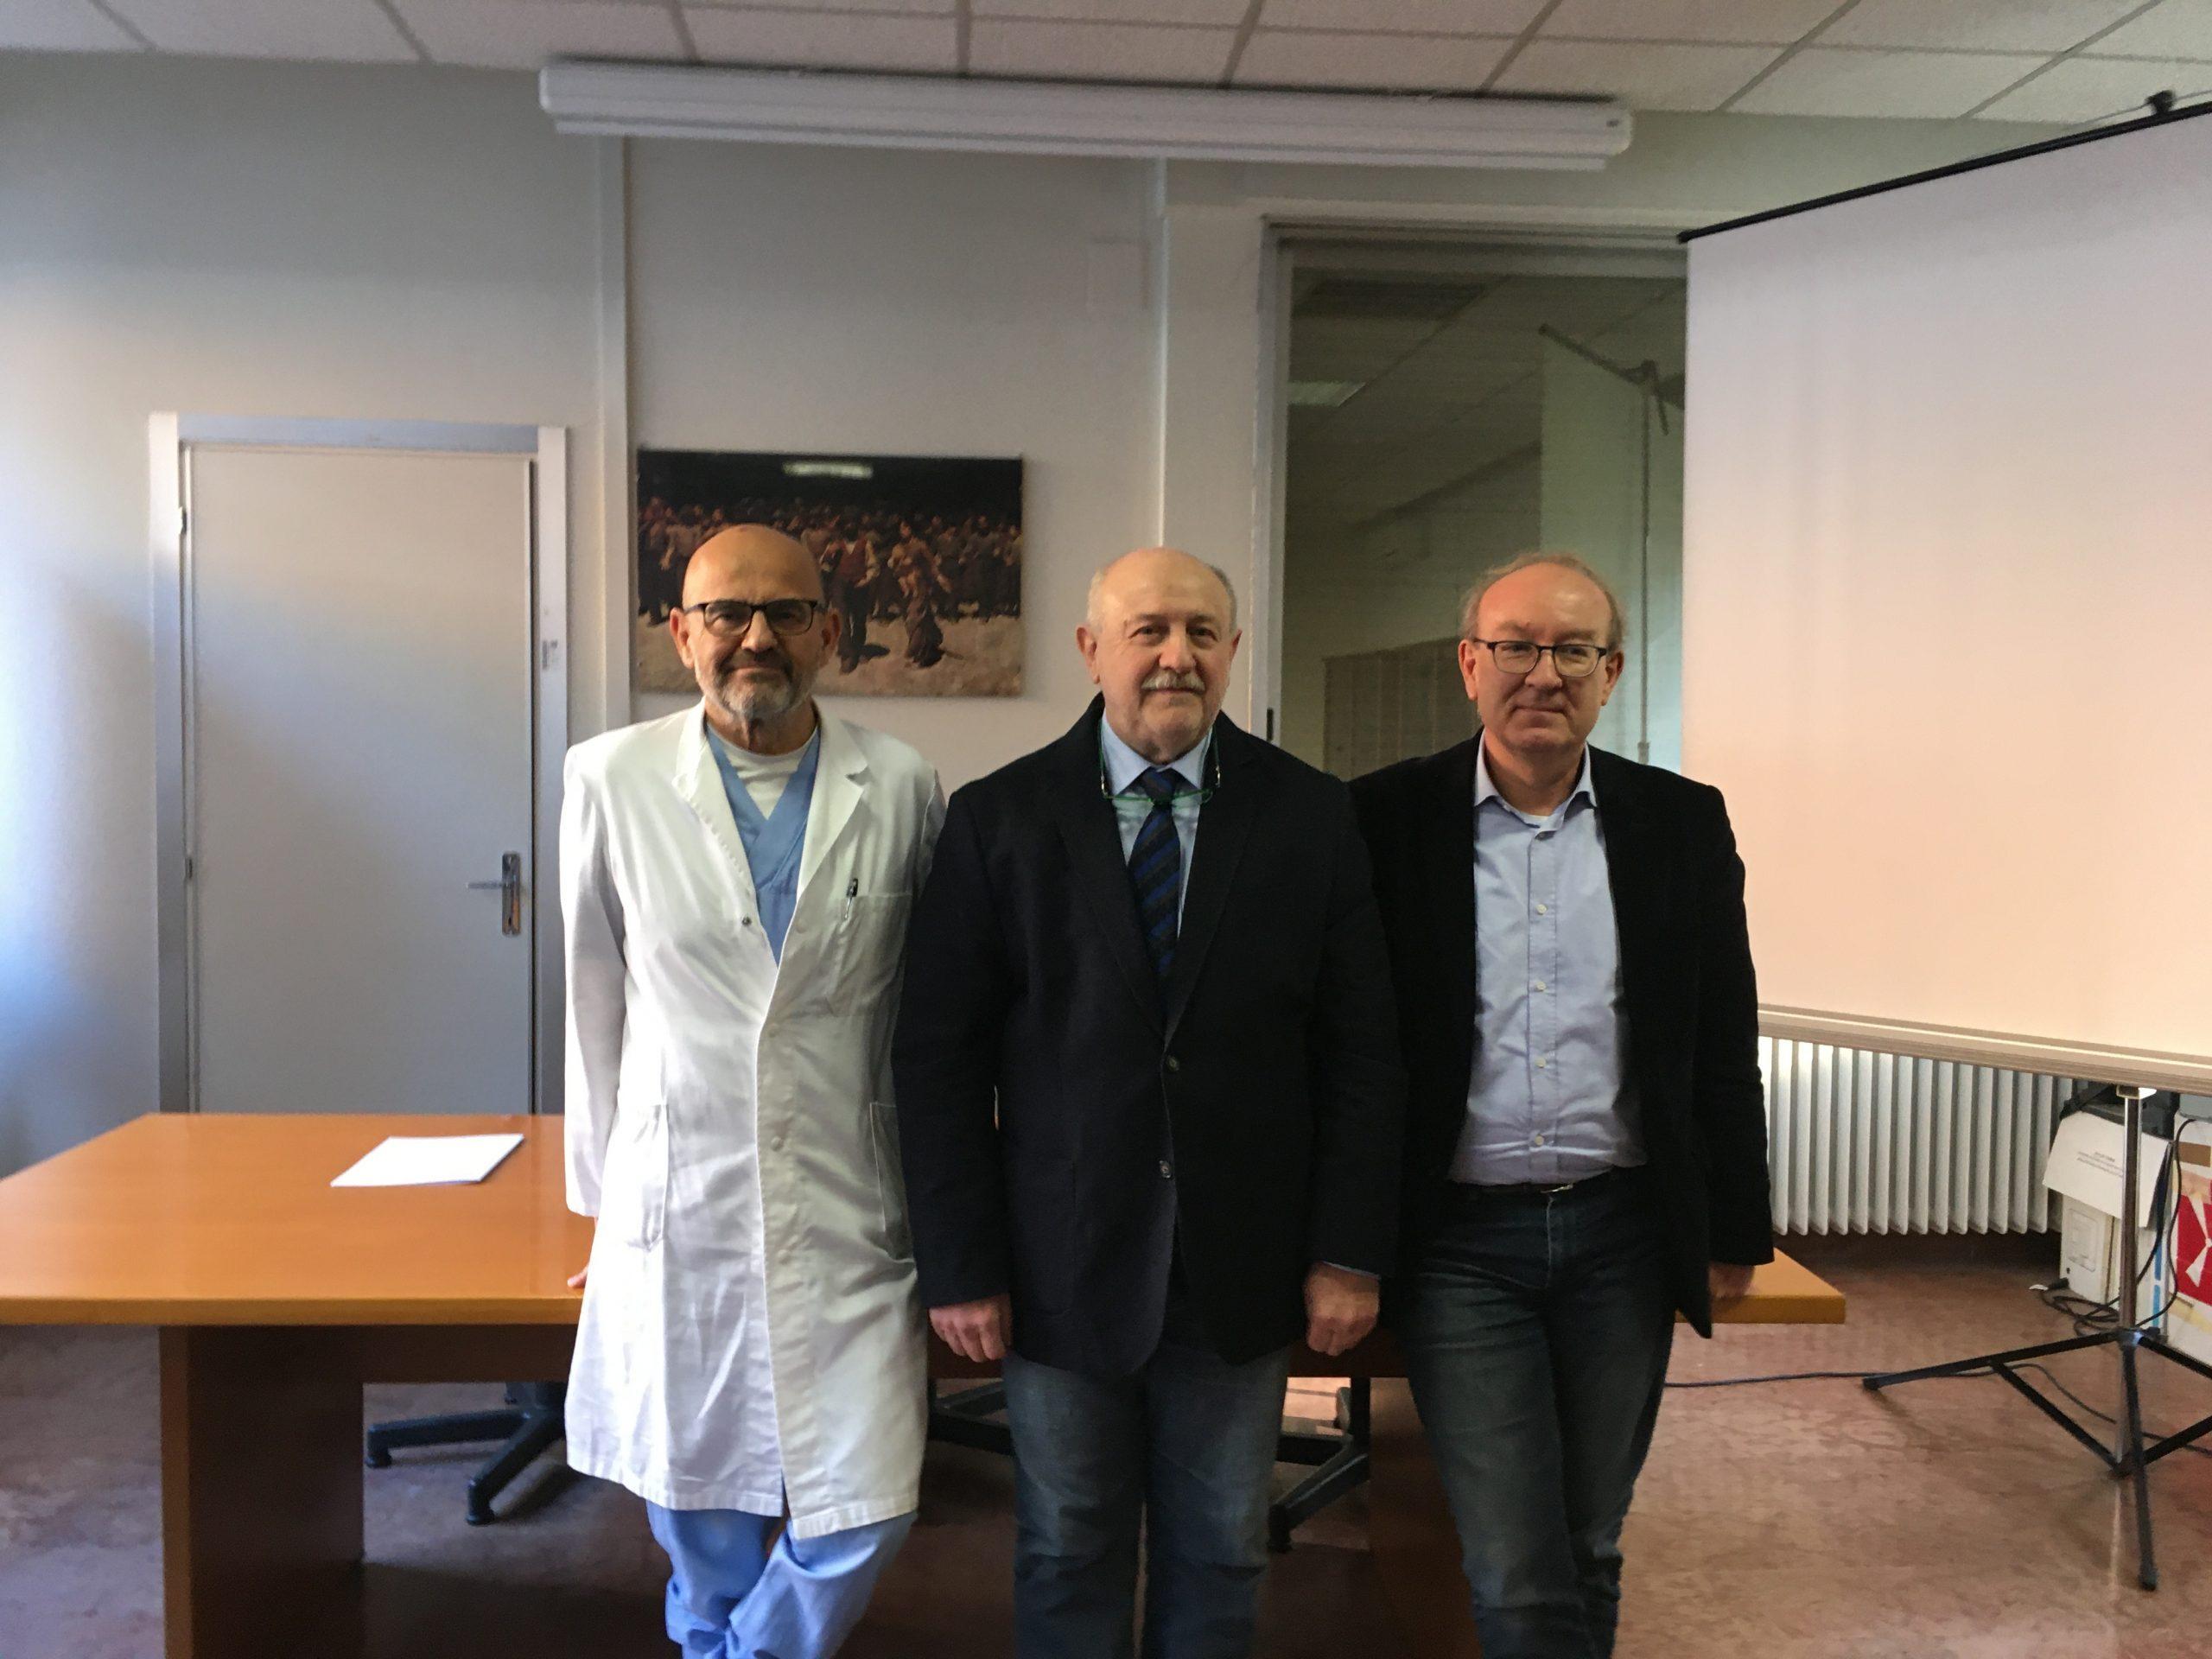 Matassoni direttore di Medicina Interna a San Piero in Bagno